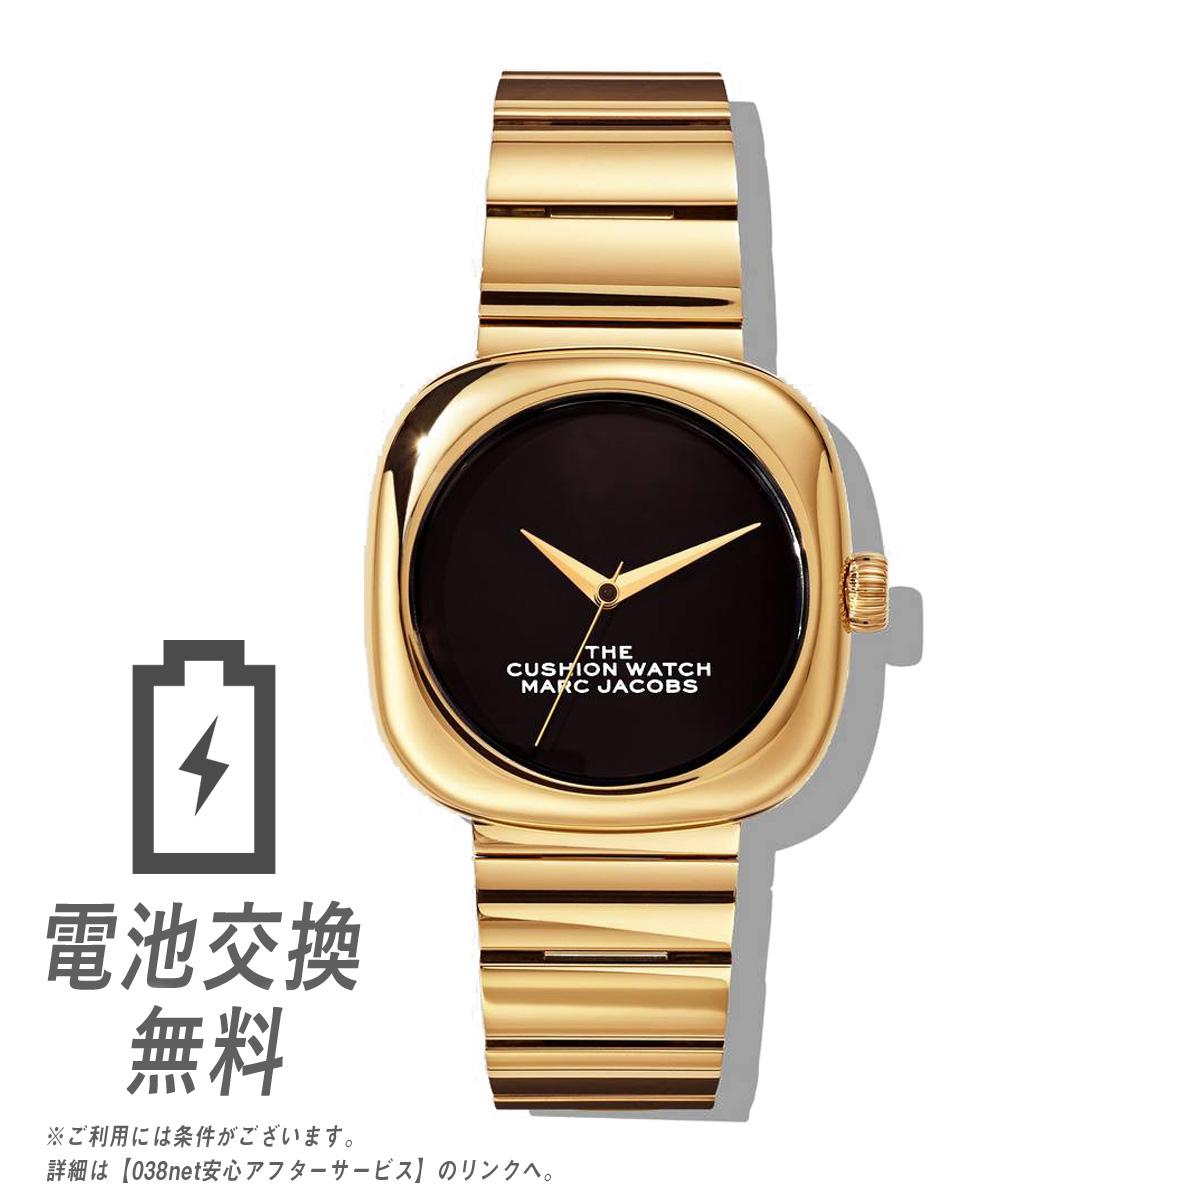 【ラッピング無料】MARC JACOBS マークジェイコブス クッションウォッチ レディース 腕時計 ブラック イエローゴールド 20179298 The Cushion Watch 36mm 四角 ブレスレット 女性用 時計 M8000732-711-1SZ